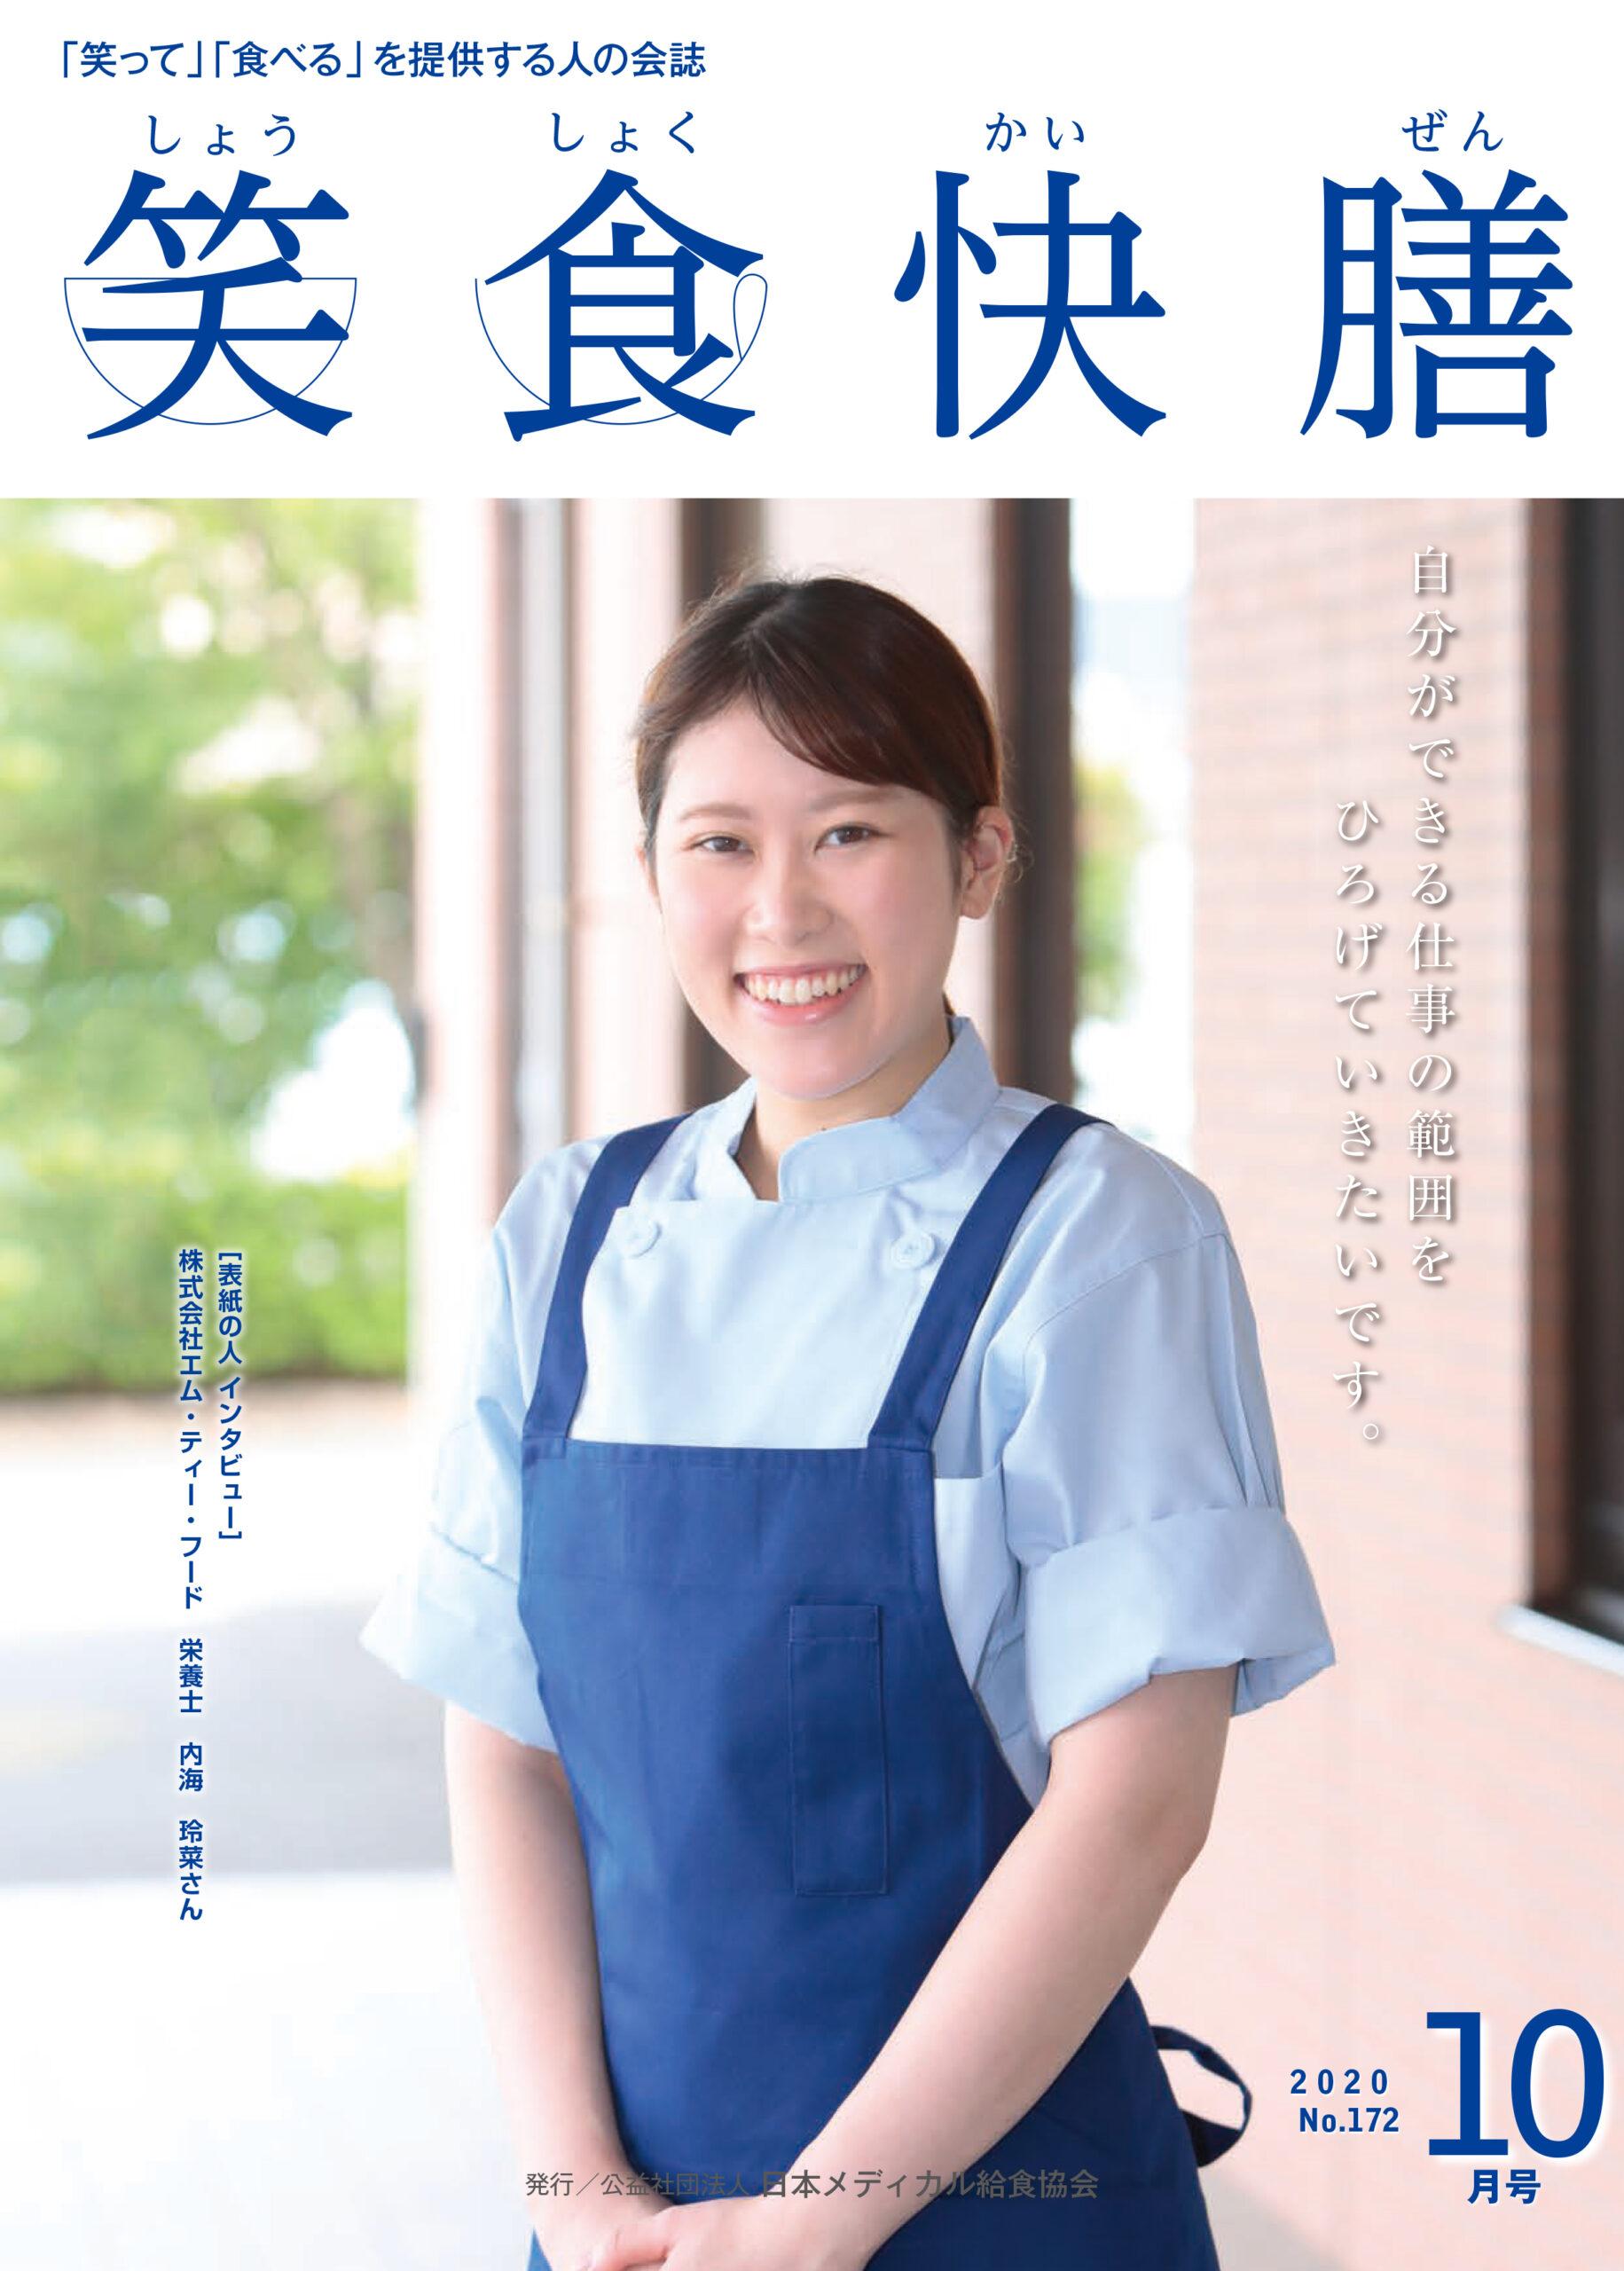 (公社)日本メディカル給食協会 様